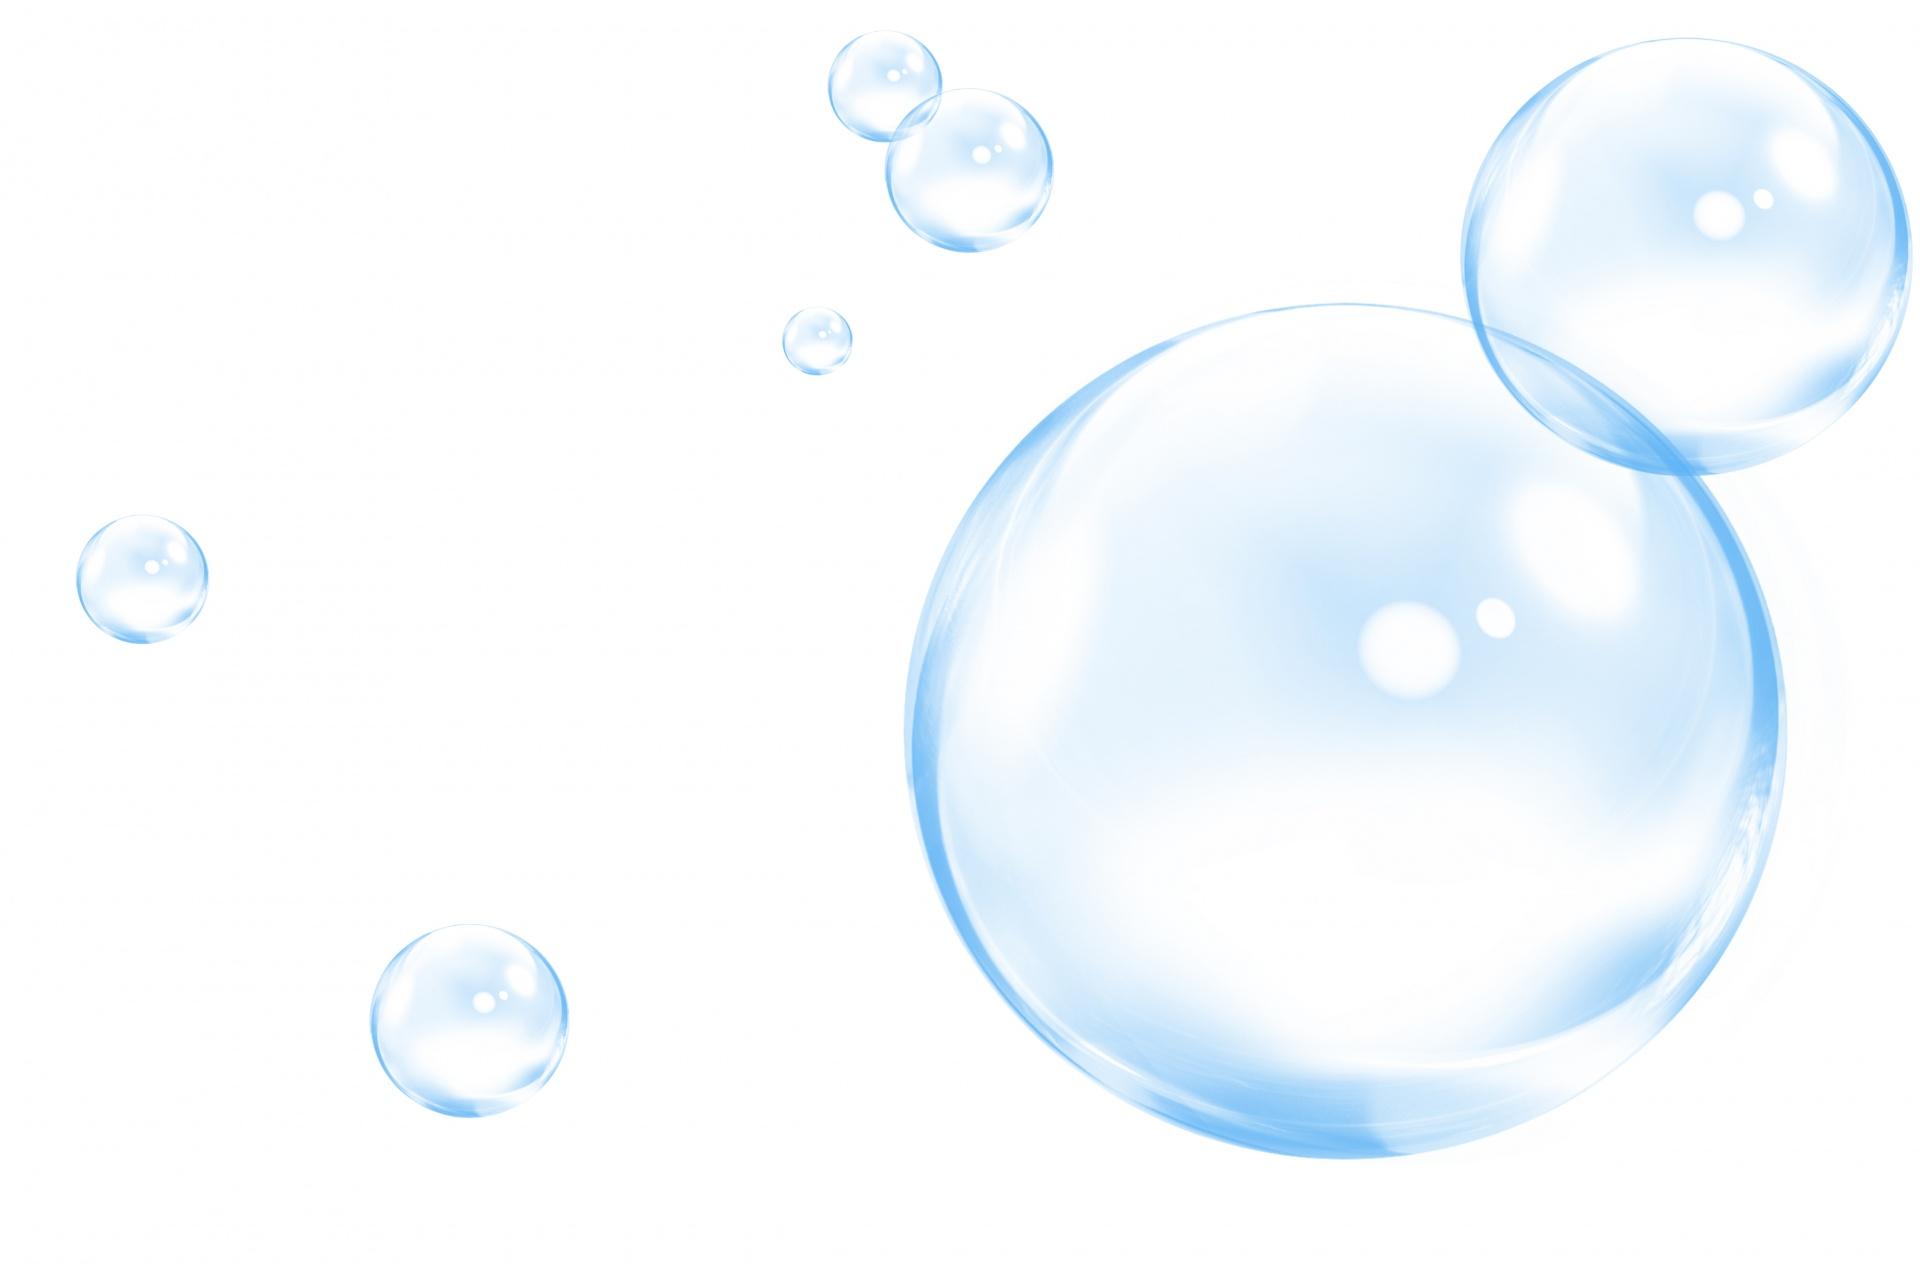 Bubbles Free Stock Photo - Public Domain Pictures